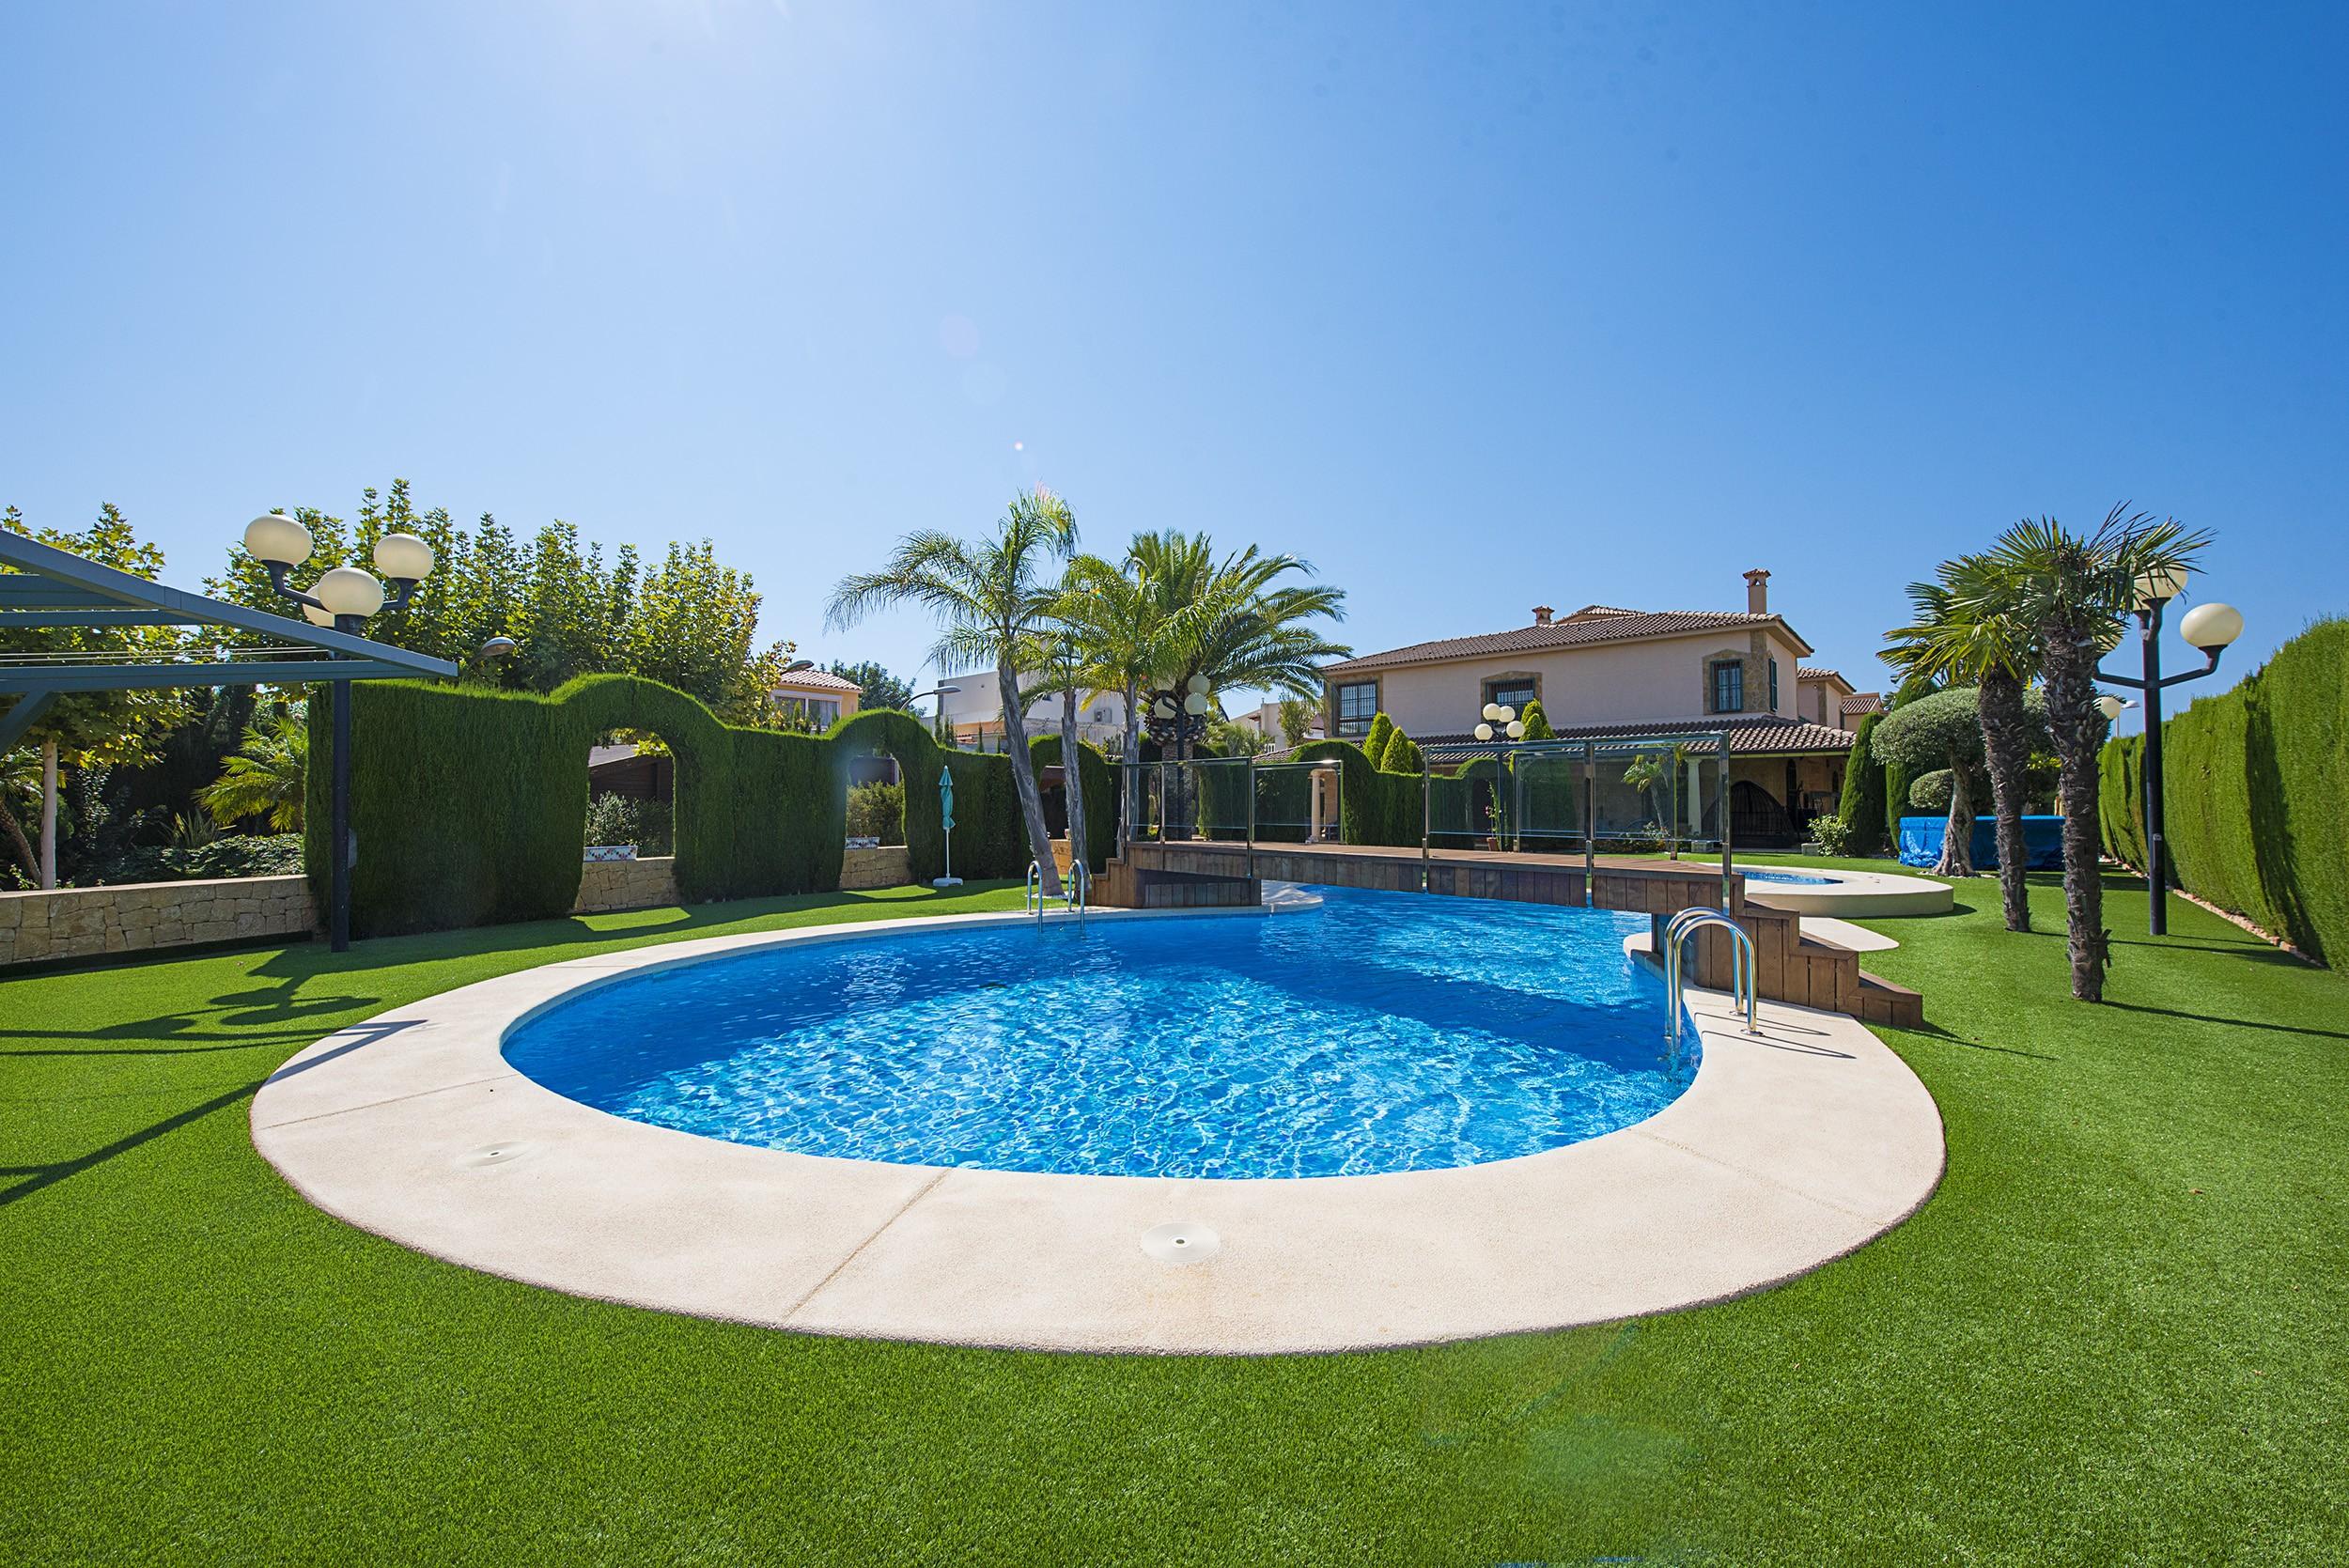 Location maison piscine calpe espagne ventana blog - Location villa espagne piscine privee ...